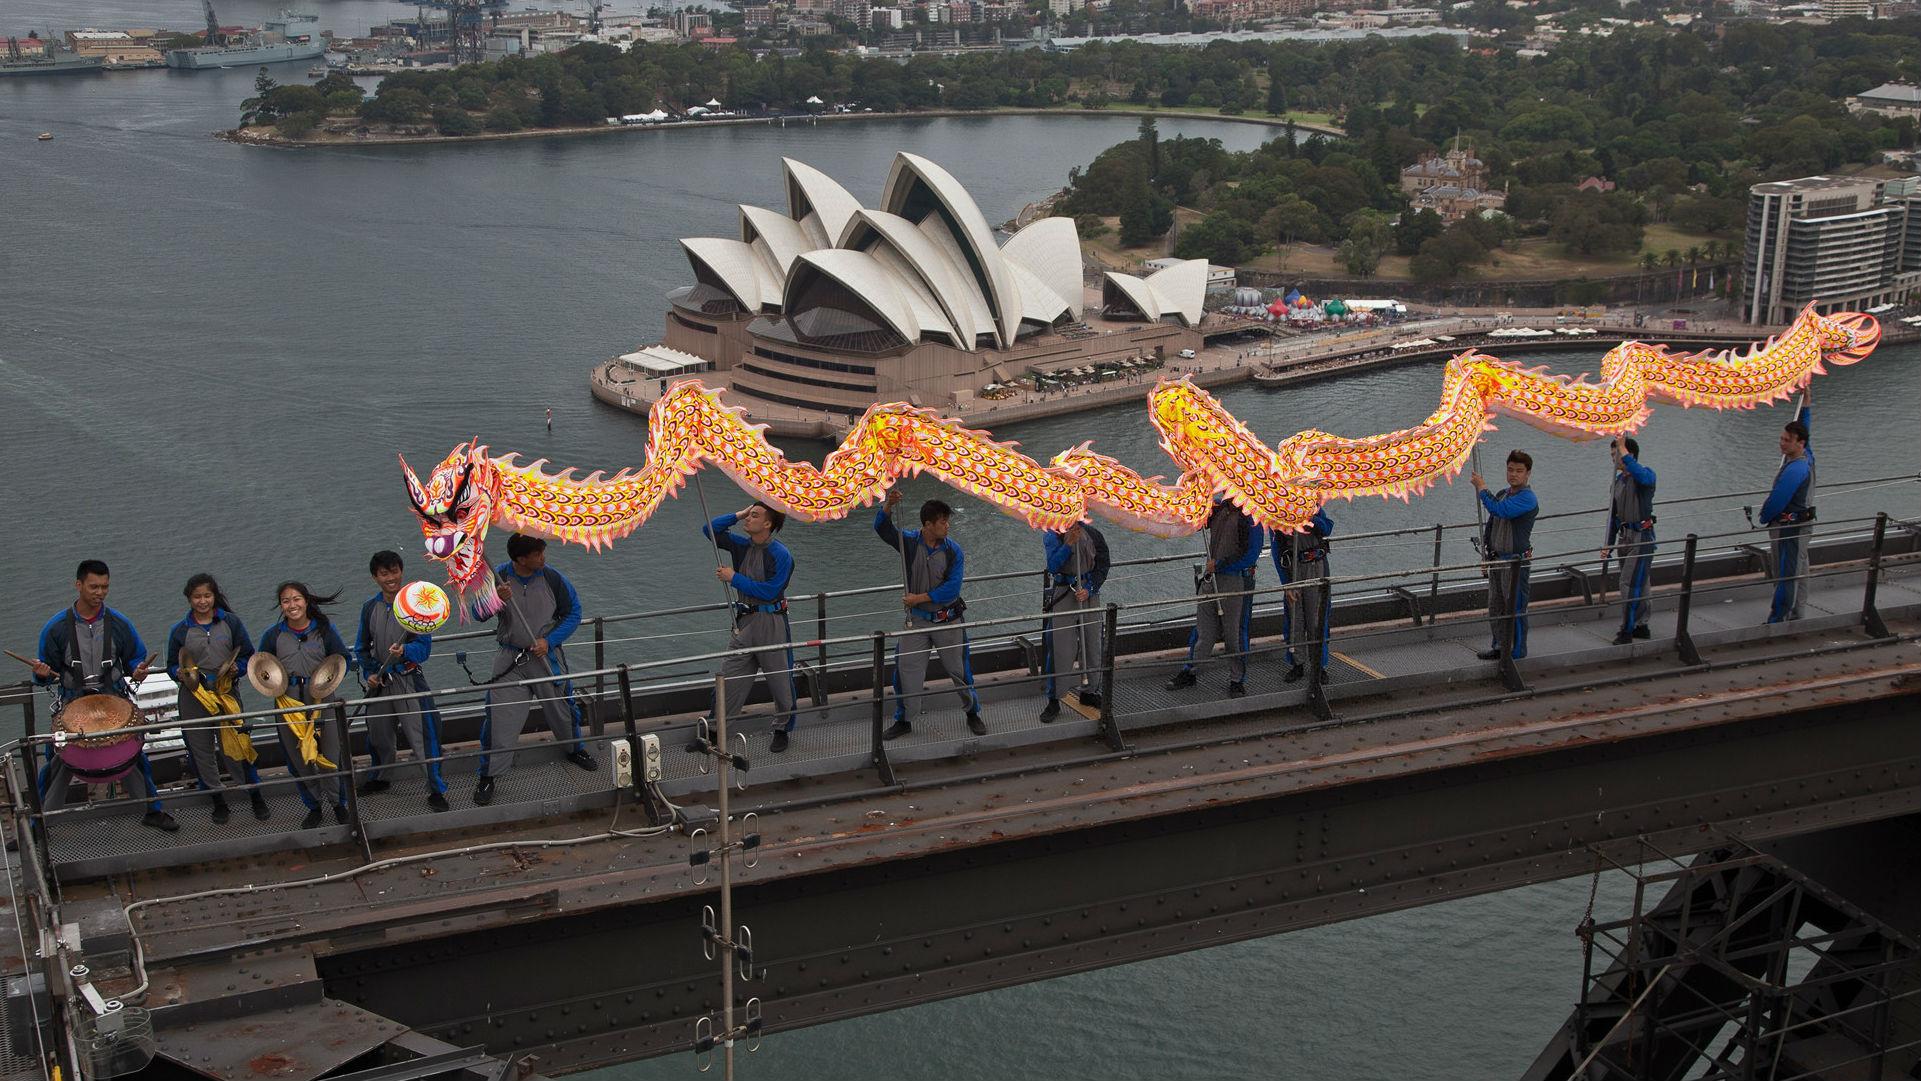 澳智库:超八成澳受访者认为中国是经济伙伴 而非威胁